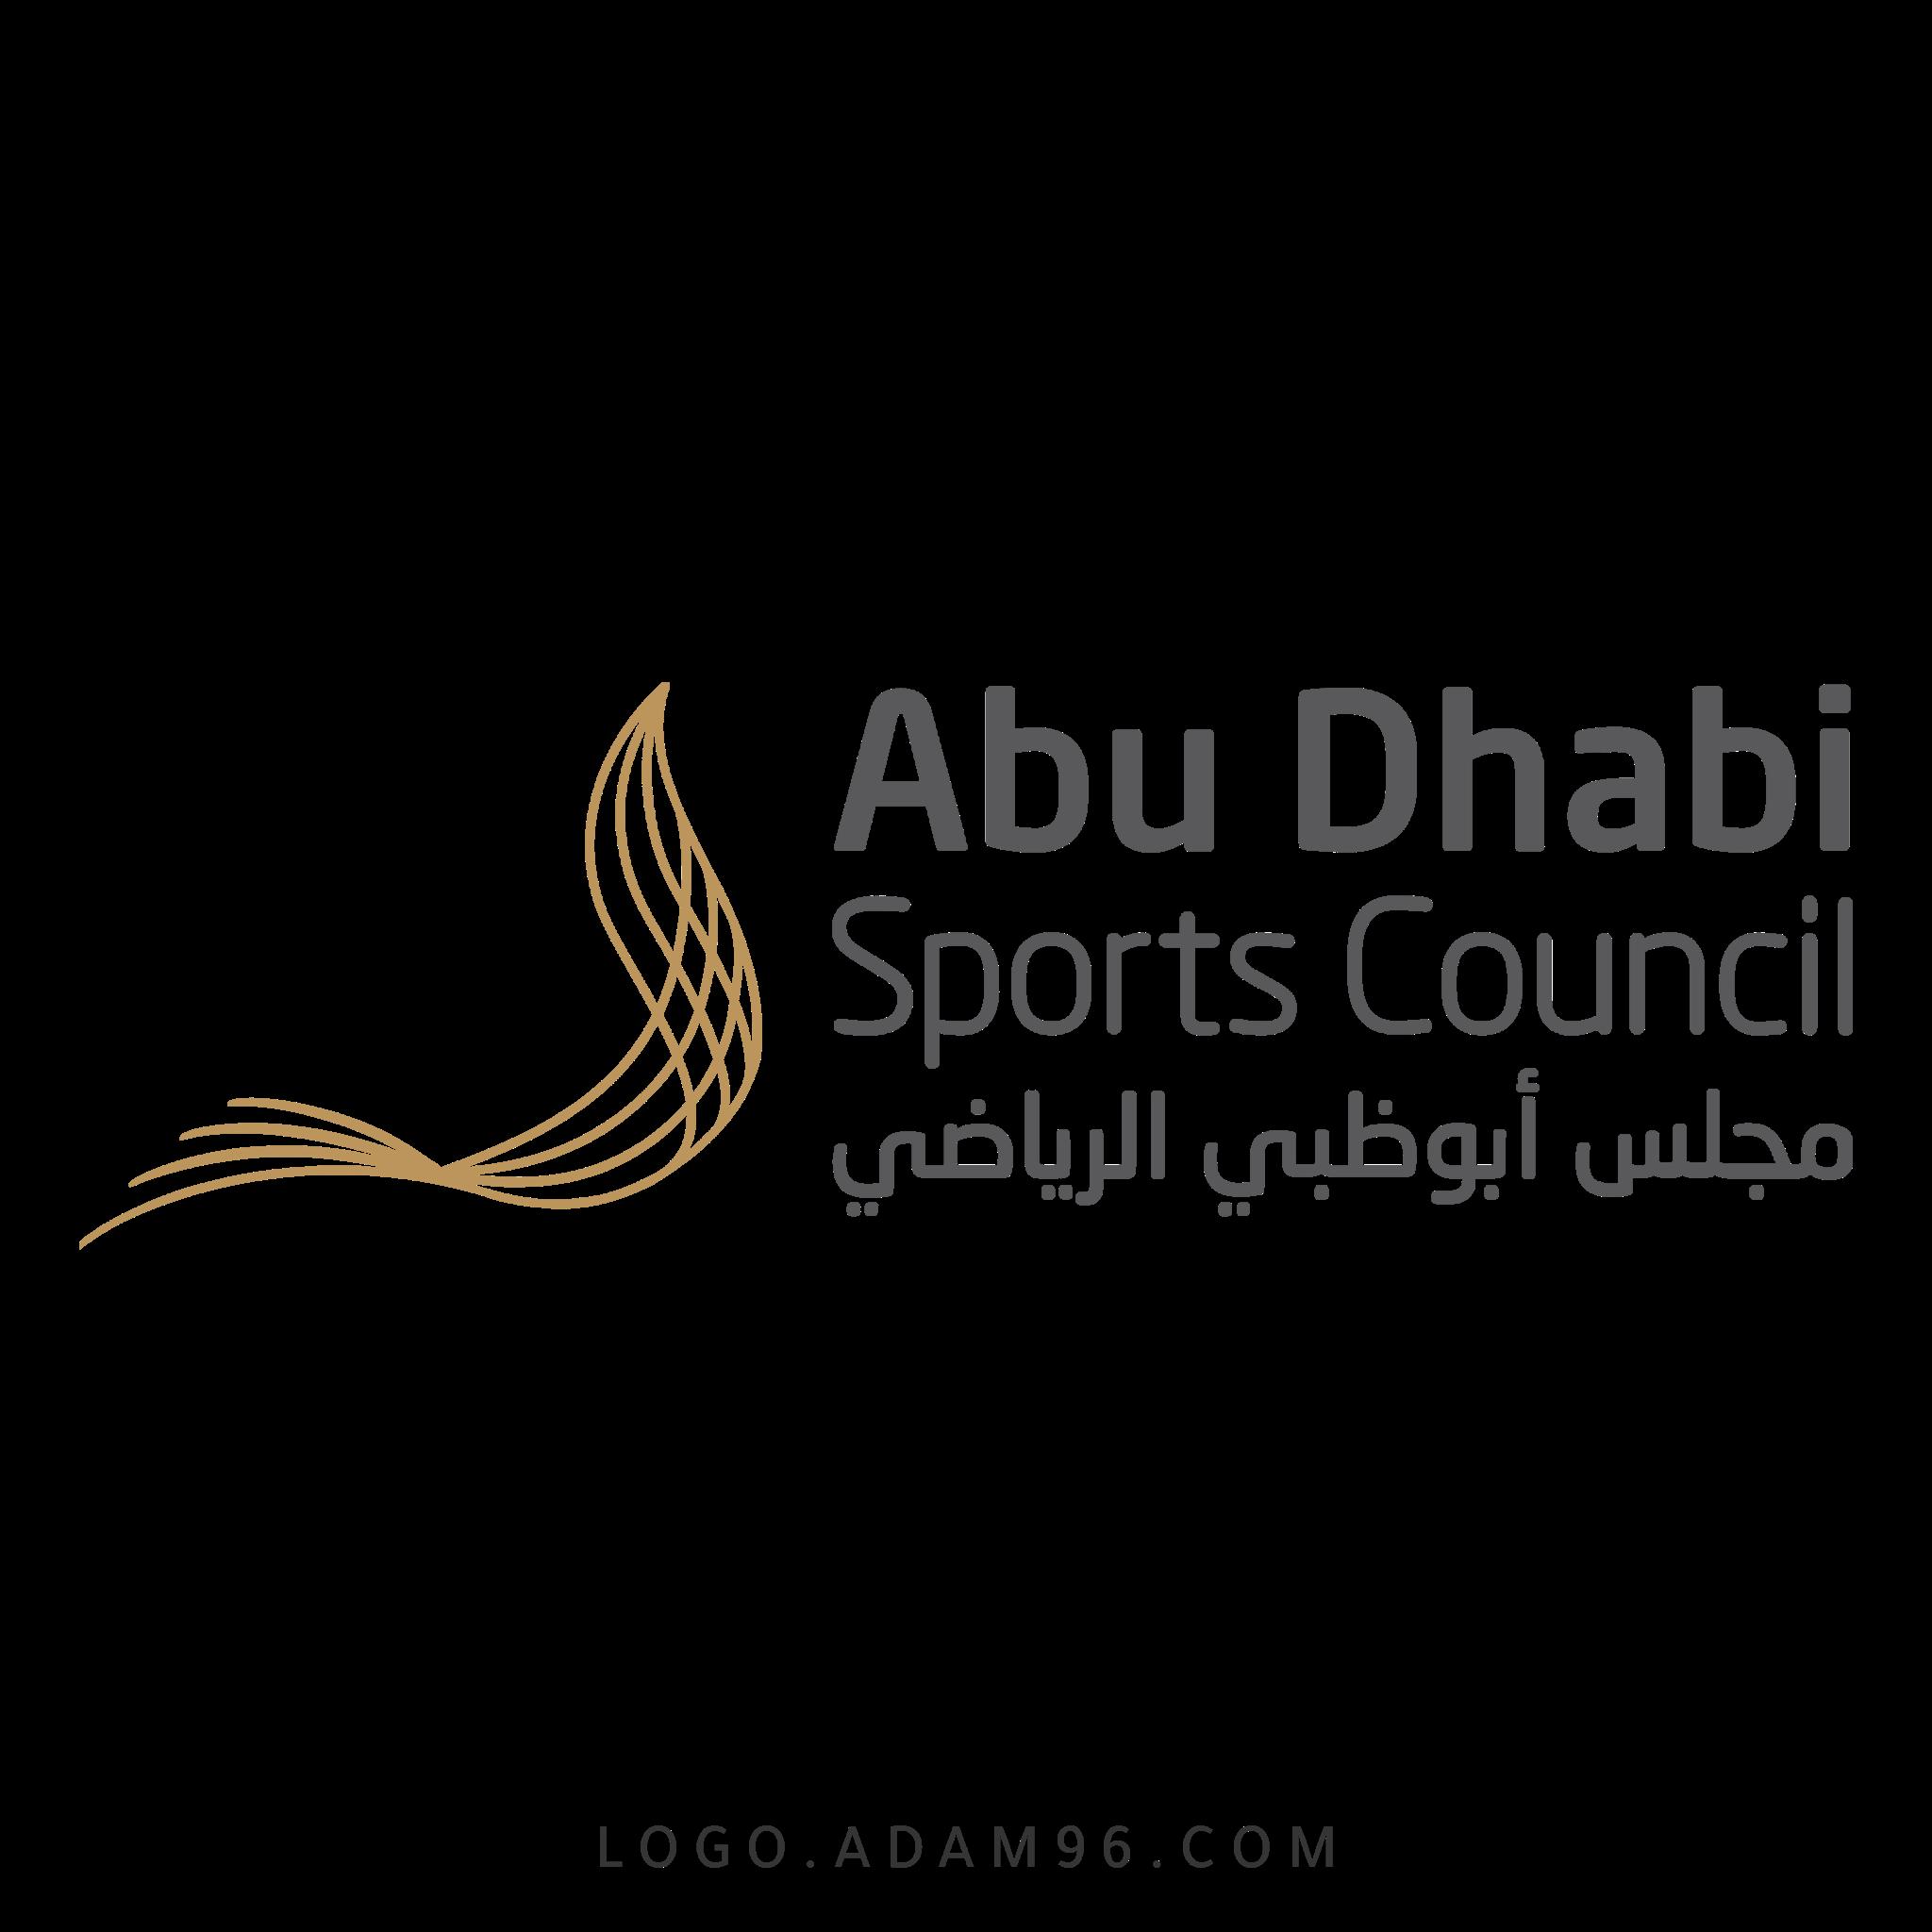 تحميل شعار مجلس أبو ظبي الرياضي لوجو عالي الجودة بصيغة PNG